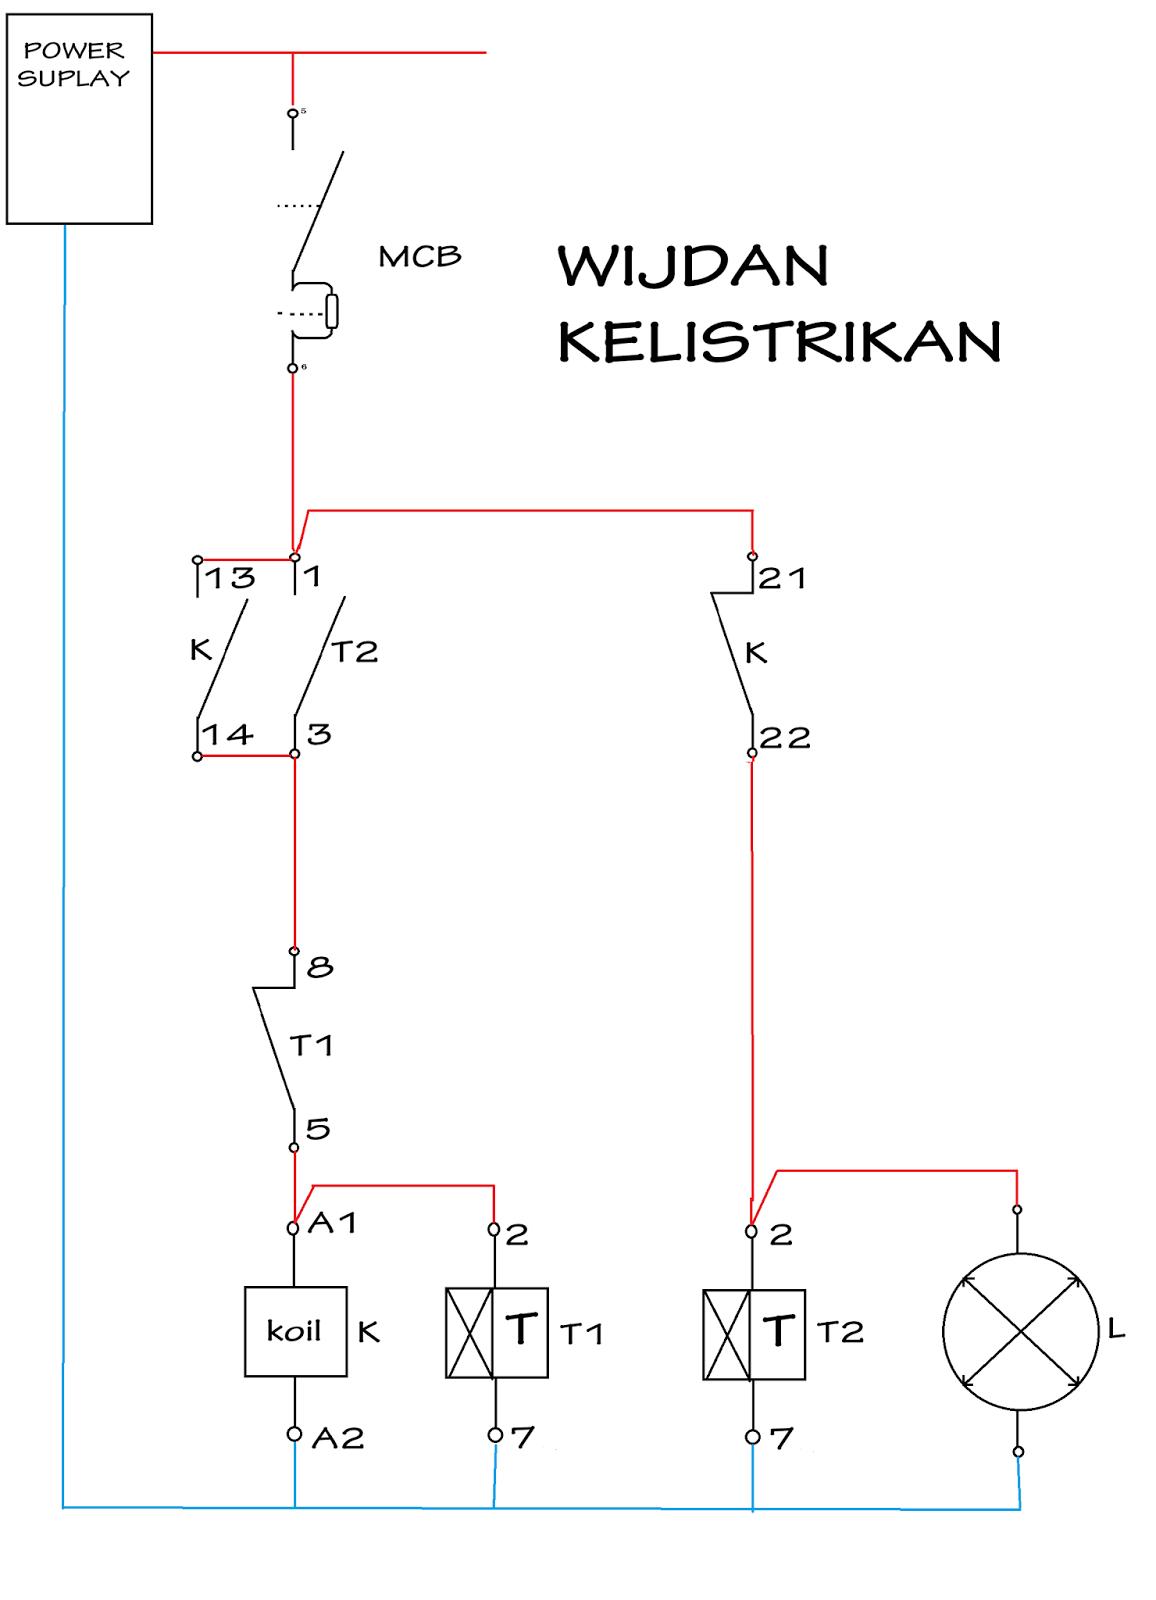 Rangkaian lampu penerangan jalan Umum (PJU) menggunakan